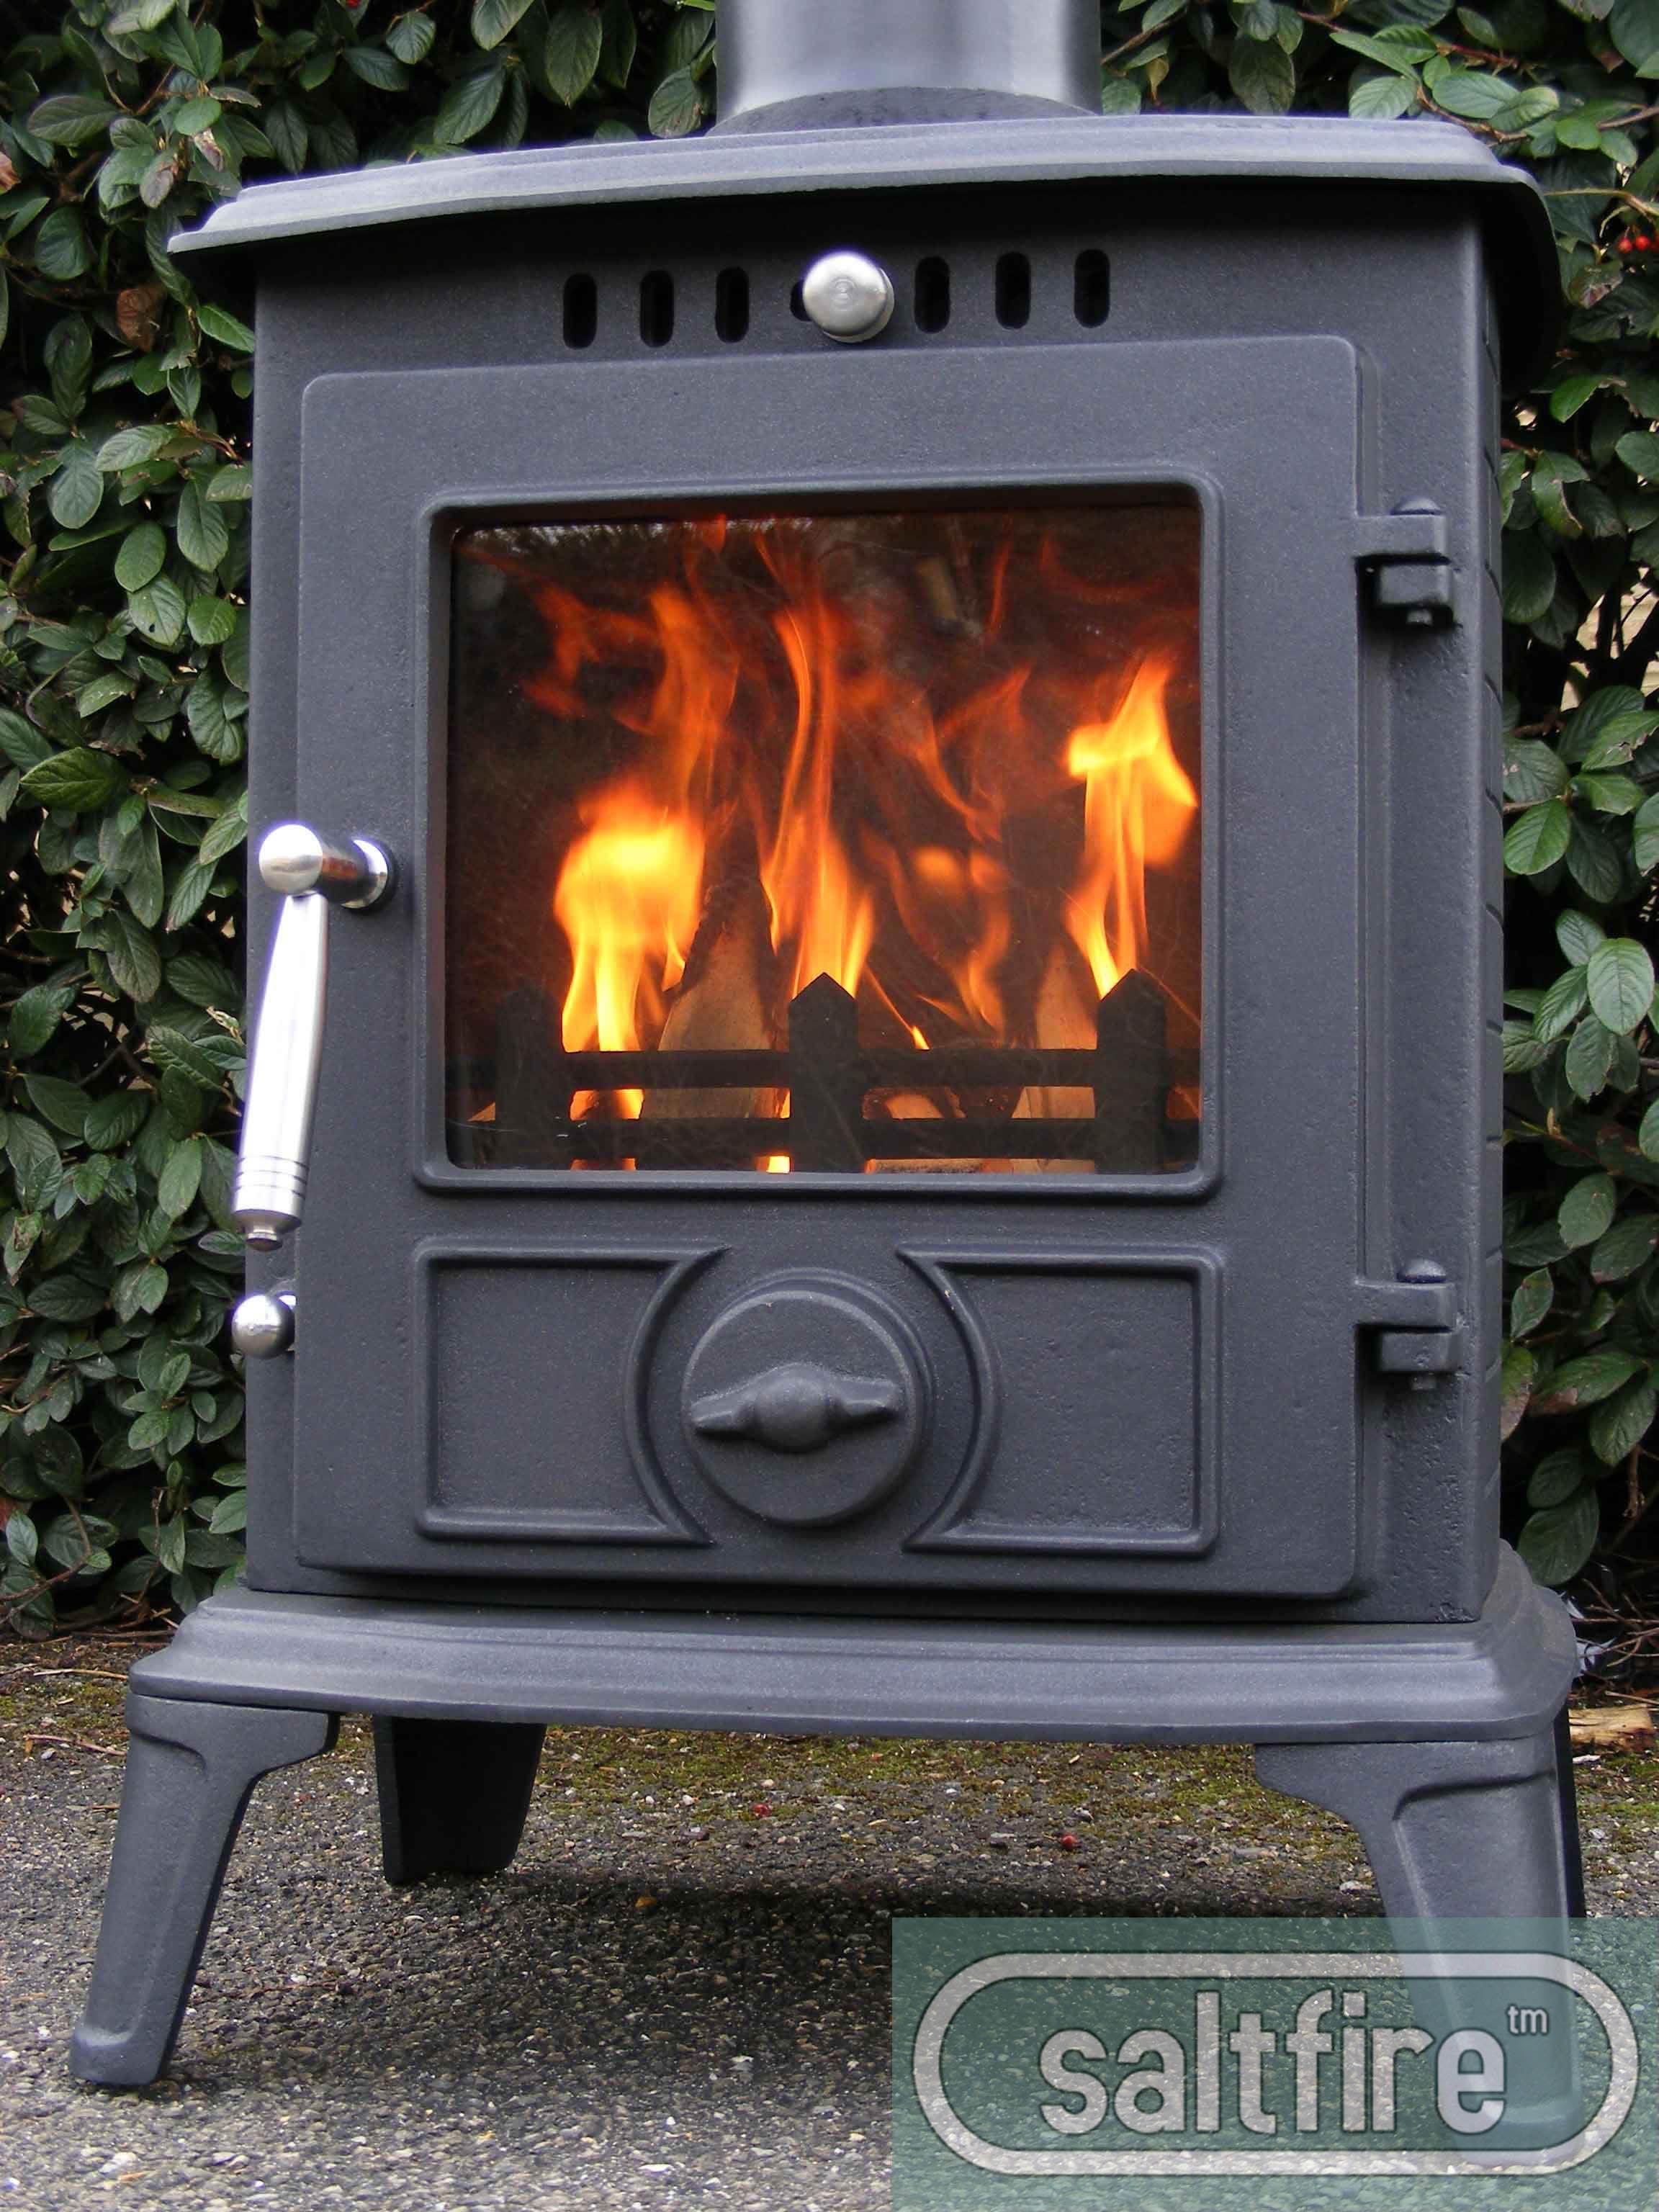 Hannover 5kw Multifuel Stove Medium Stoves Woodburning Log Burners Cast Iron Wood Chimney Flue